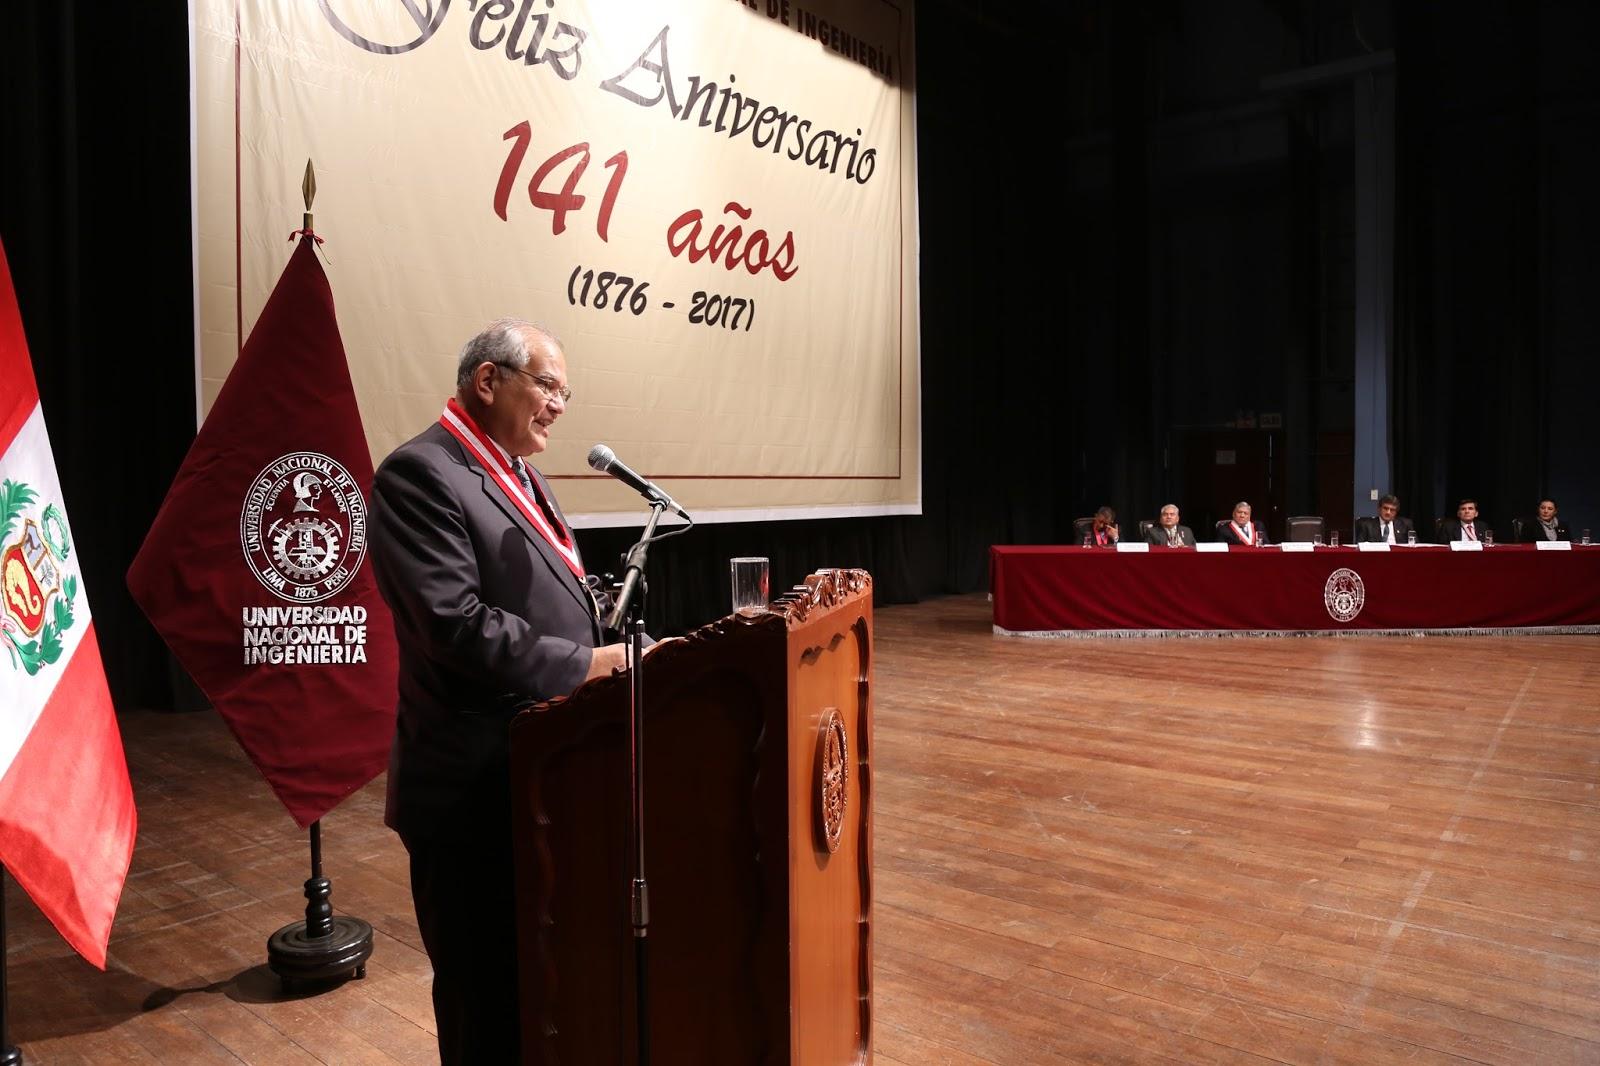 UNI celebró su 141 aniversario con paseo de la bandera, actividades institucionales y culturales